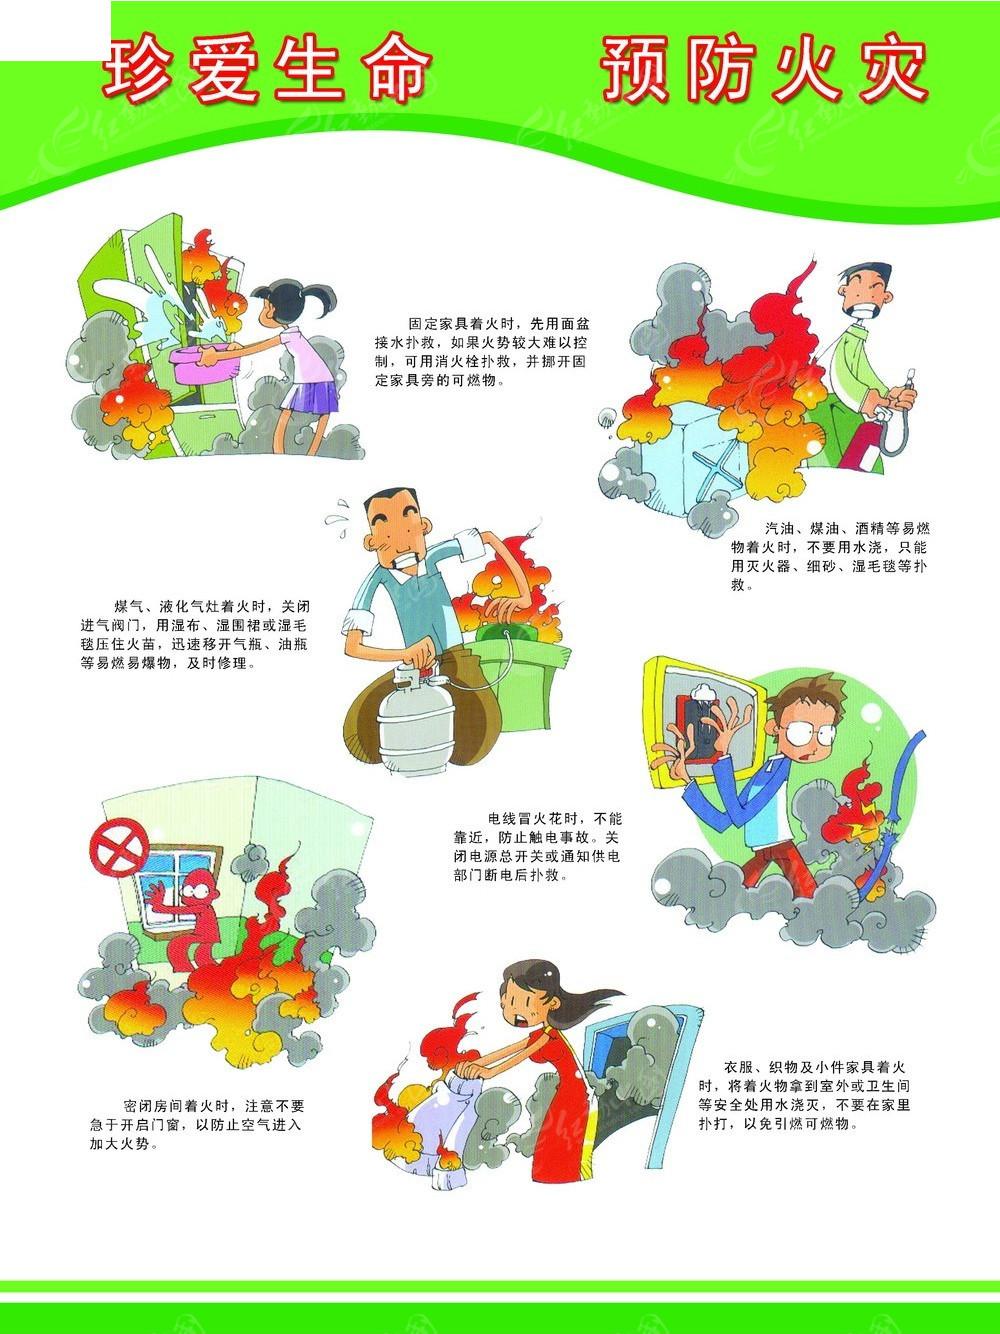 怎样预防火灾 旅游策划